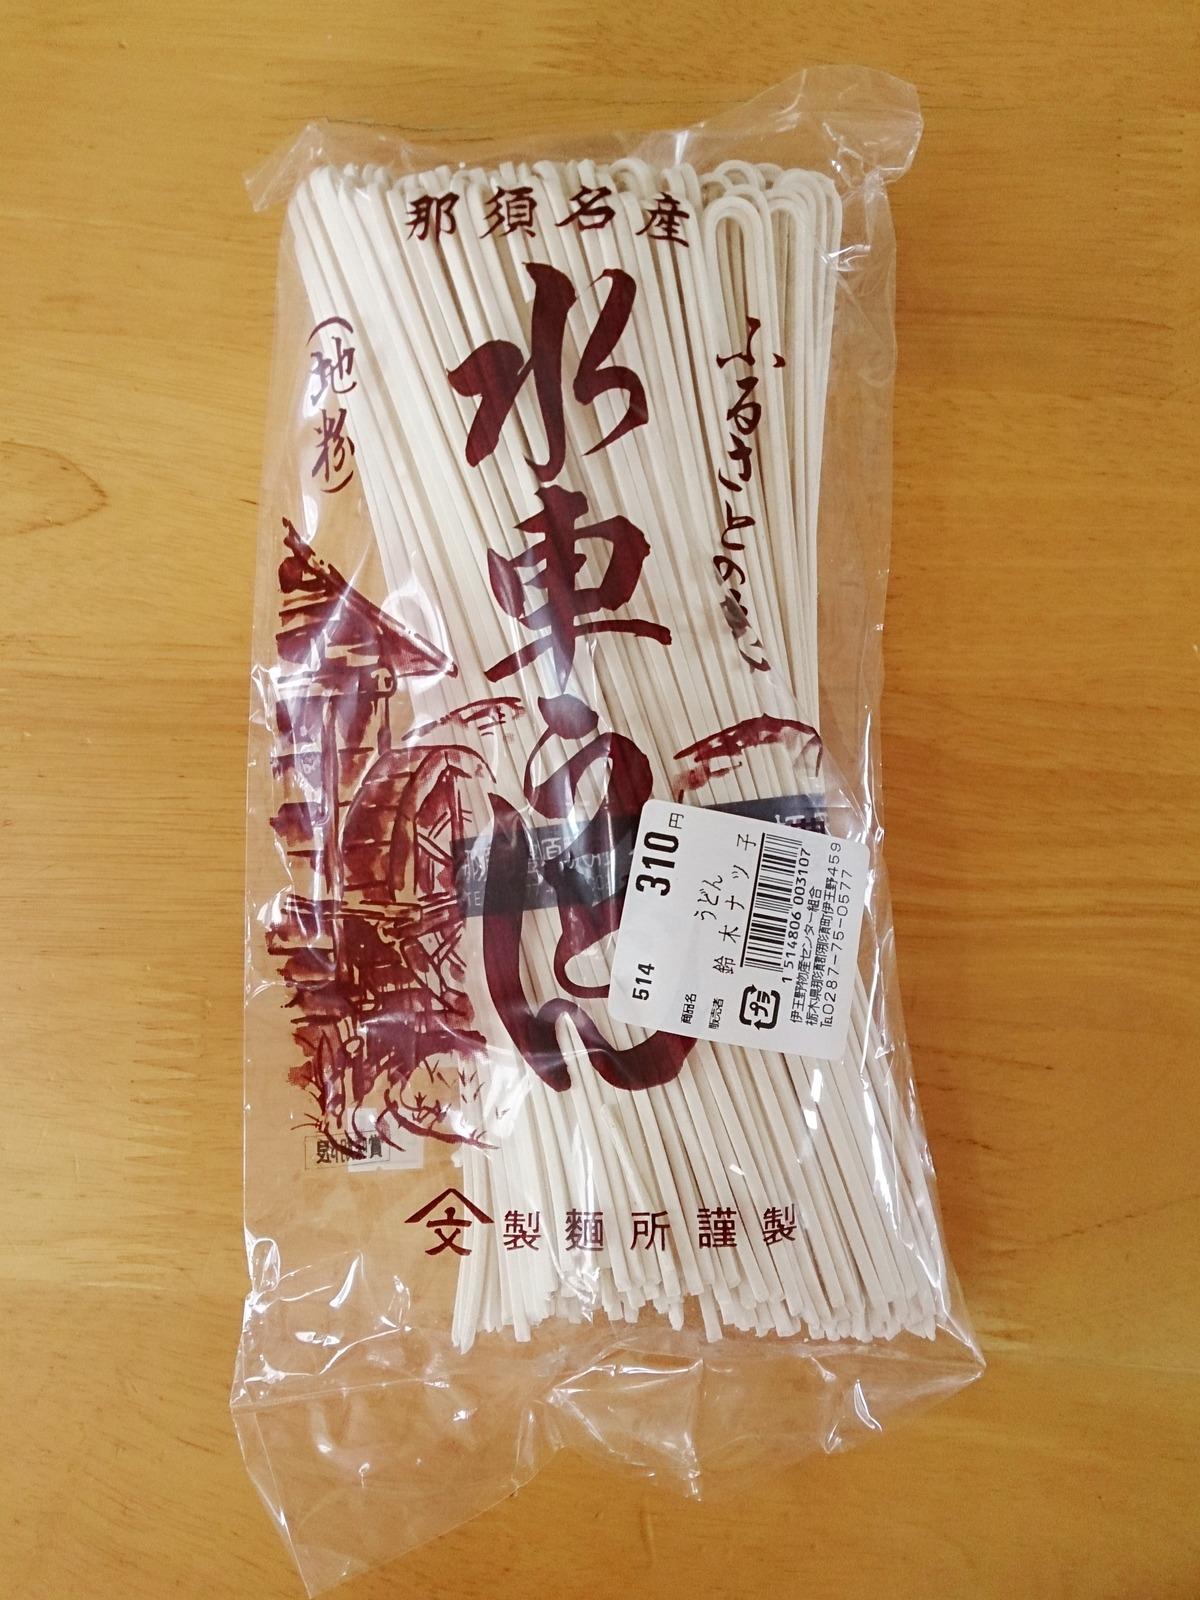 豊原鈴木製麺所 name=